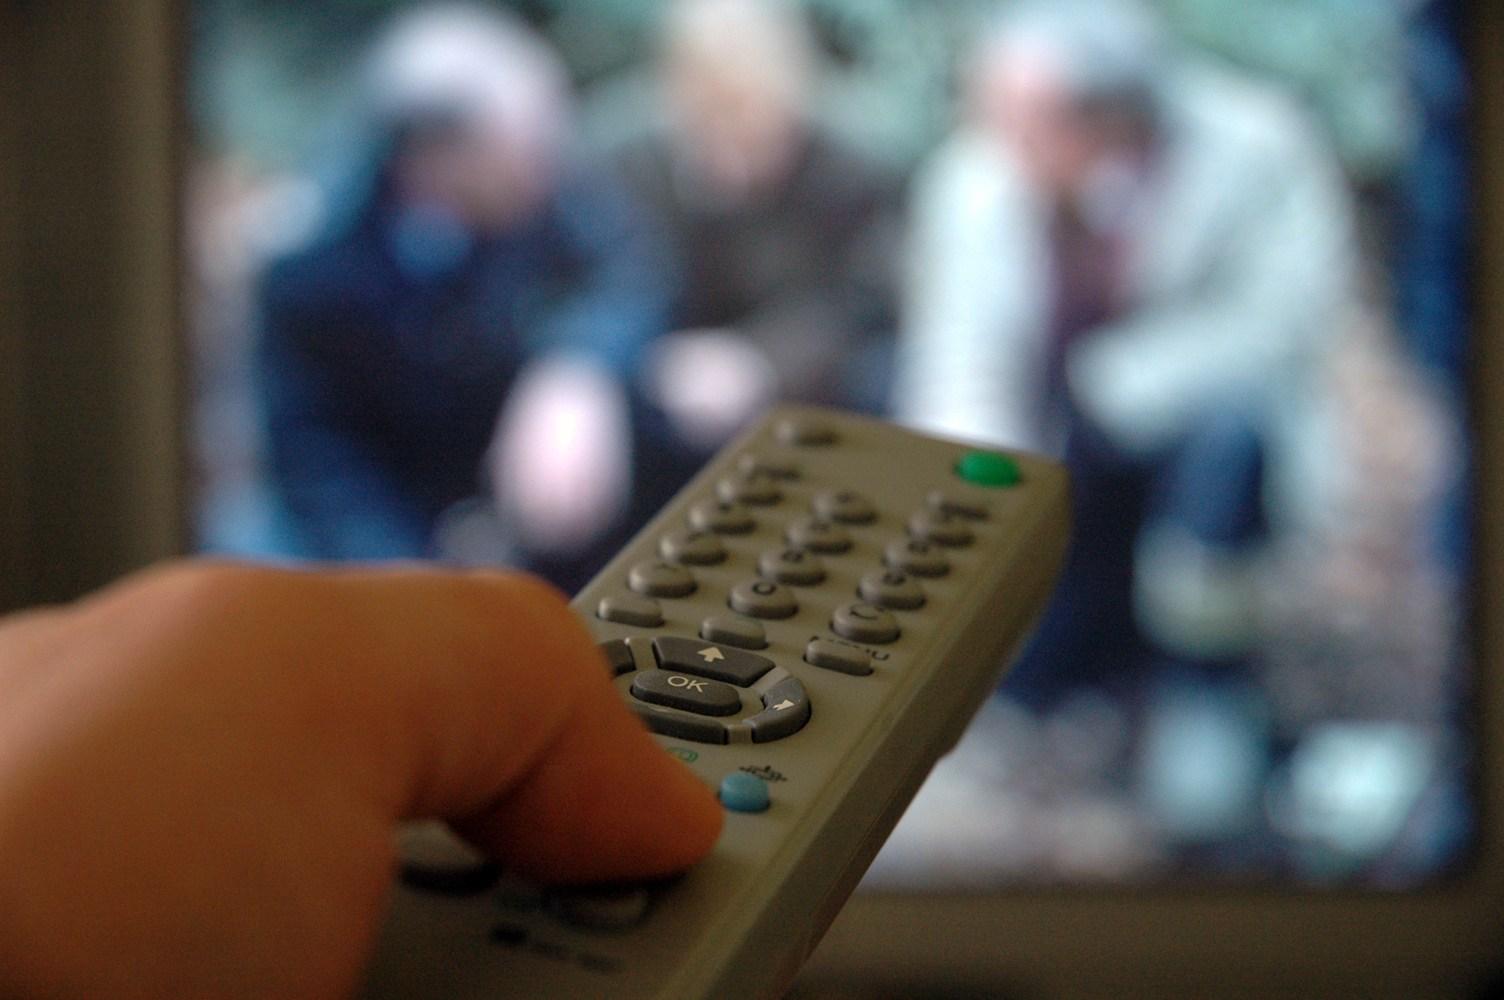 [tv] Dimanche 2 juin 2013 : A la télévision ce soir